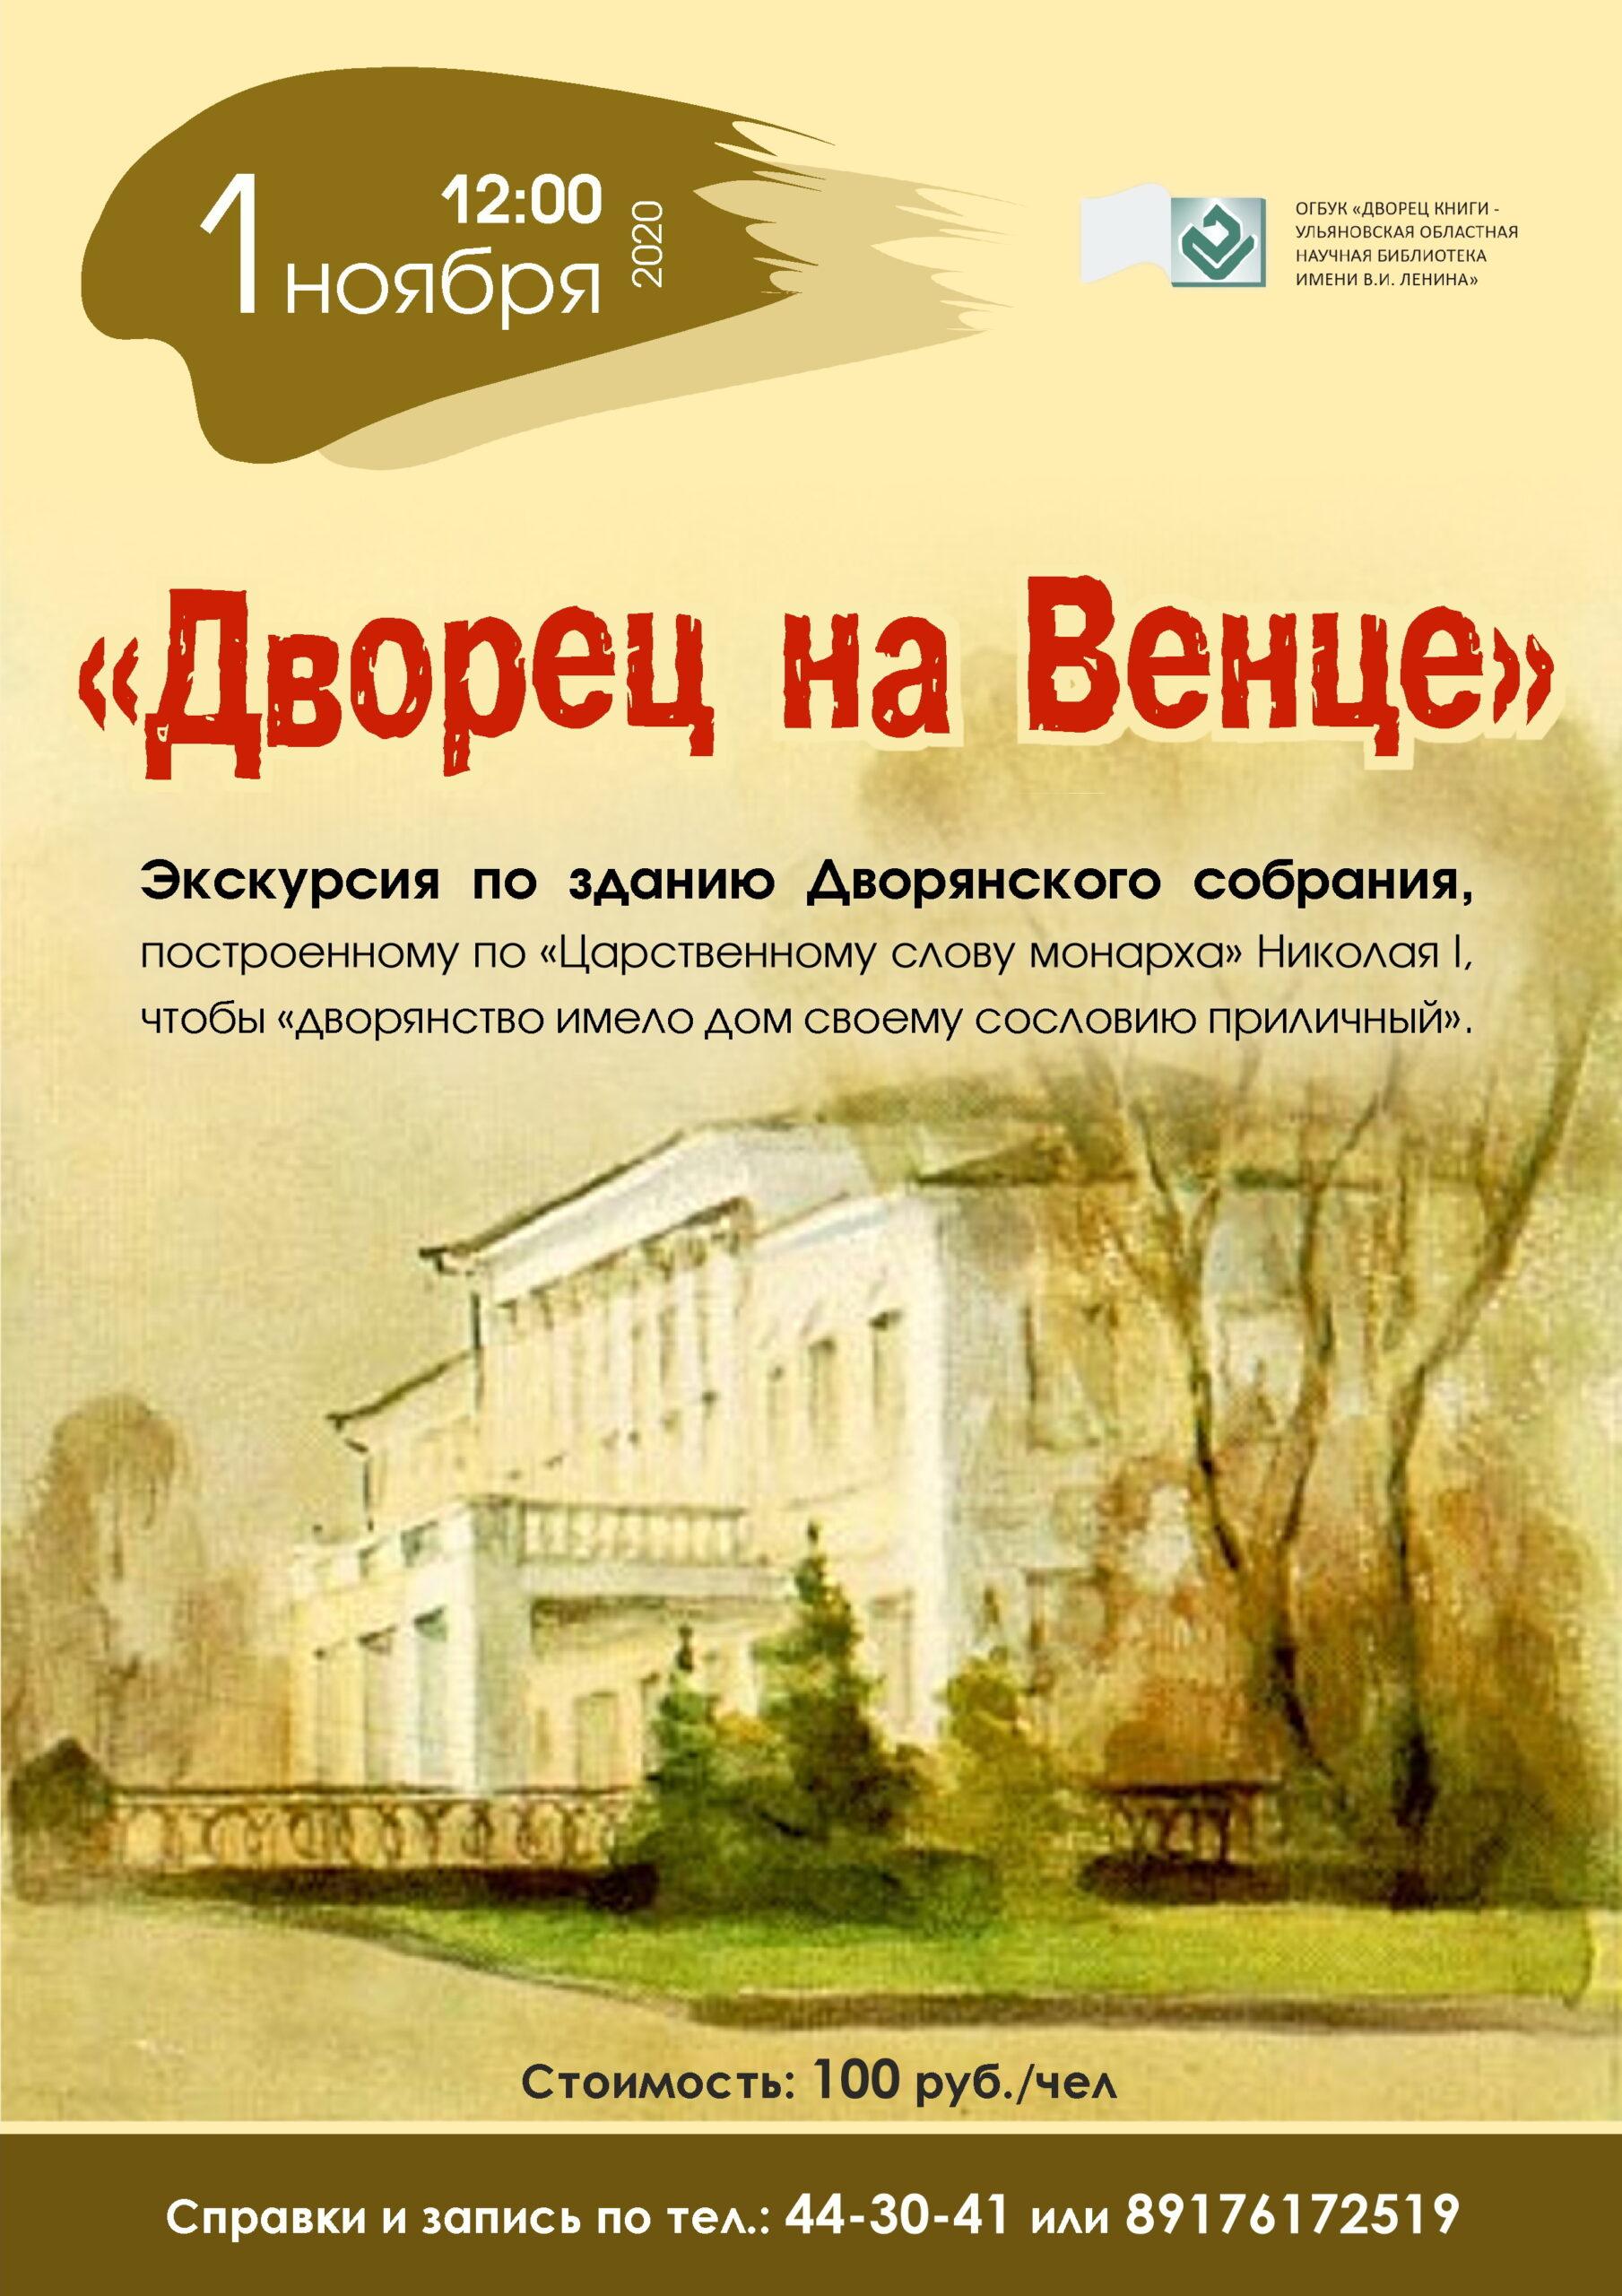 Интерактивная экскурсия «Дворец на Венце» @ здание Дворянского собрания